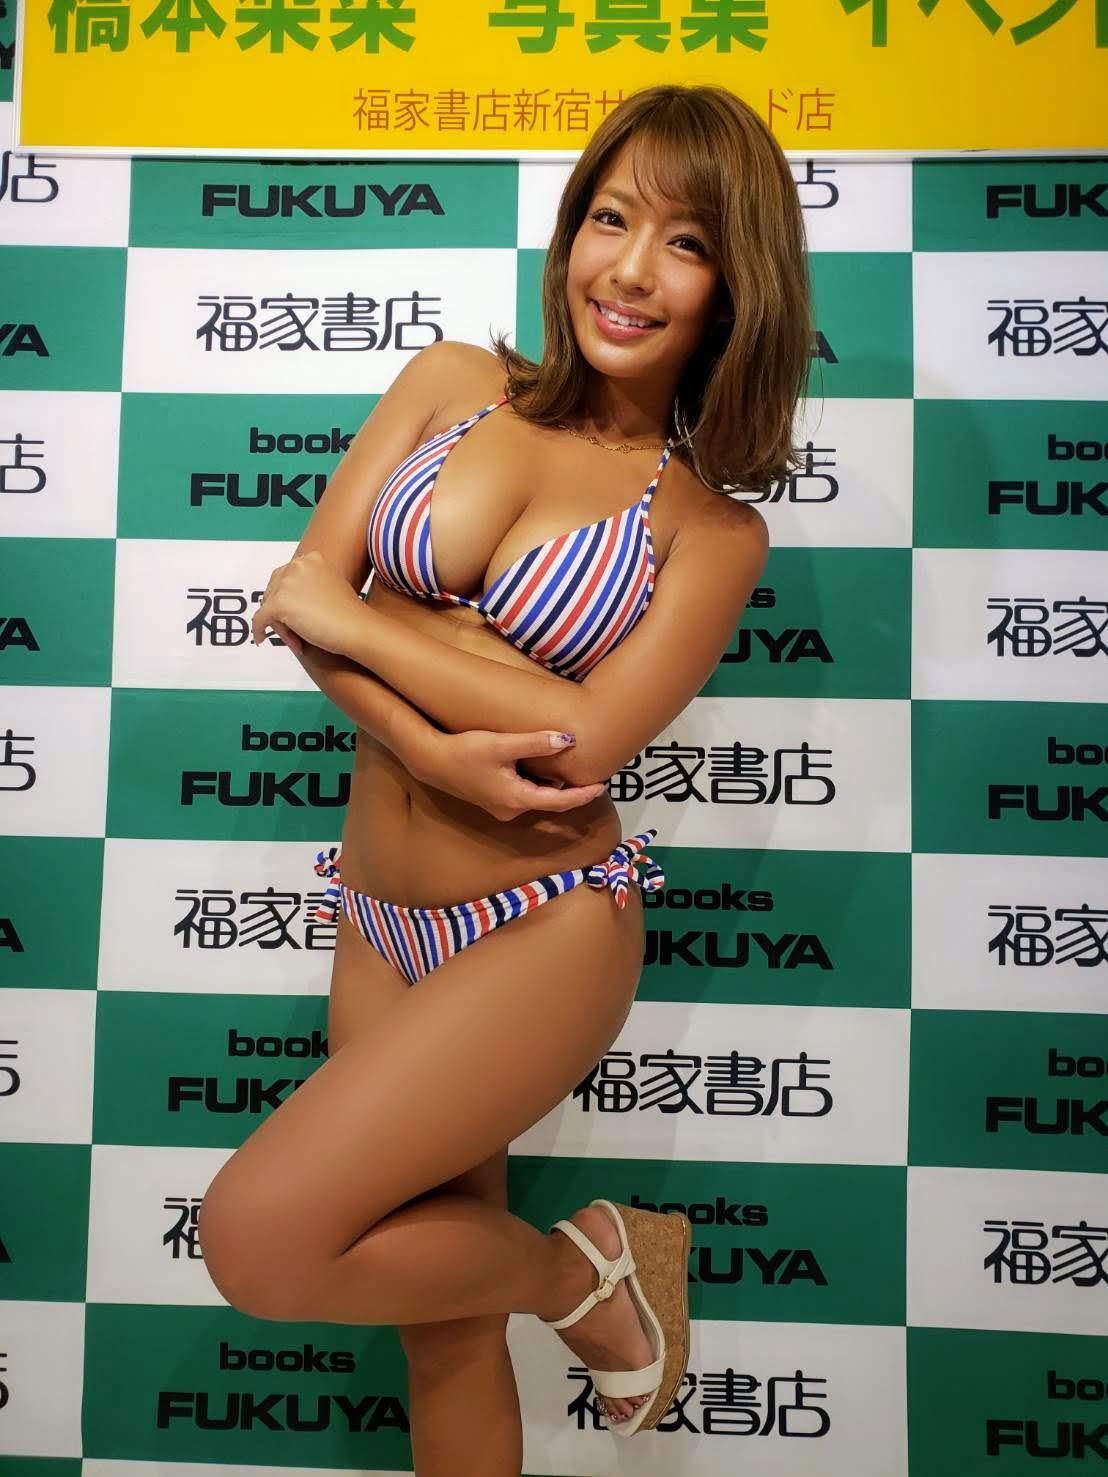 橋本梨菜(はしもと りな/Rina Hashimoto) グラビアアイドル/2019年8月31日、福家書店新宿サブナード店にて開催された、3rd写真集「LOVE=CONTRAST」発売記念イベントにて